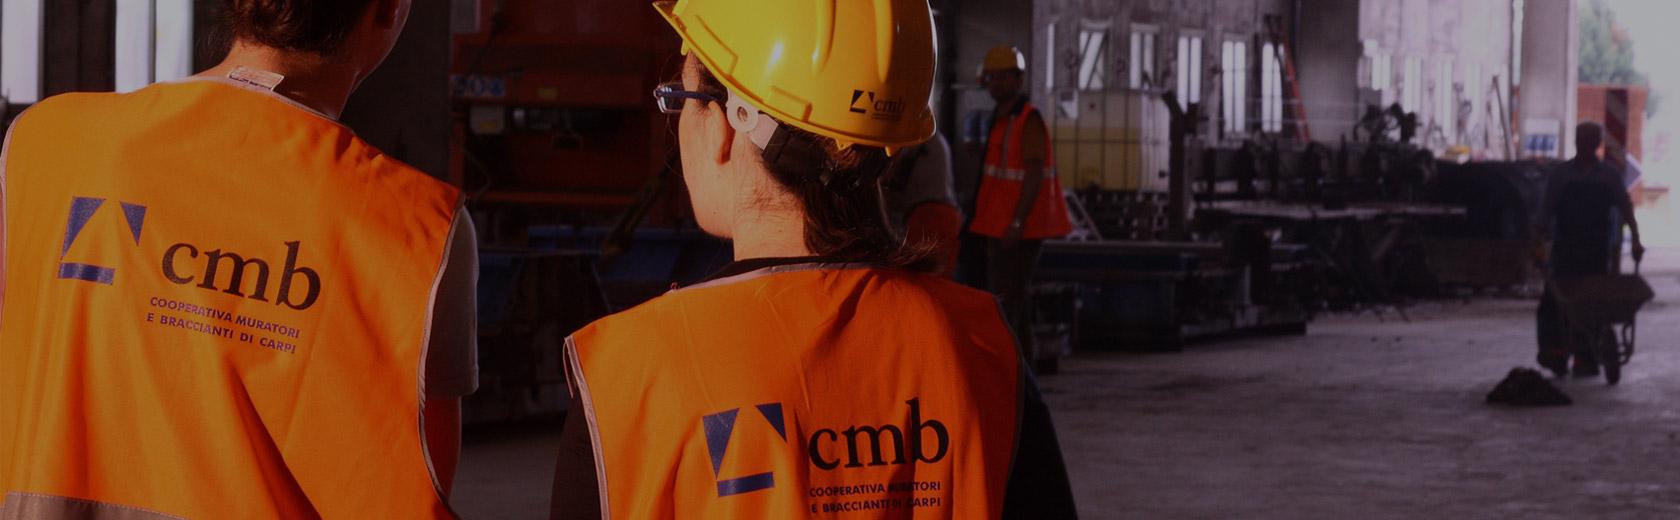 cmb-azienda-impegno-enterprise-commitment-new